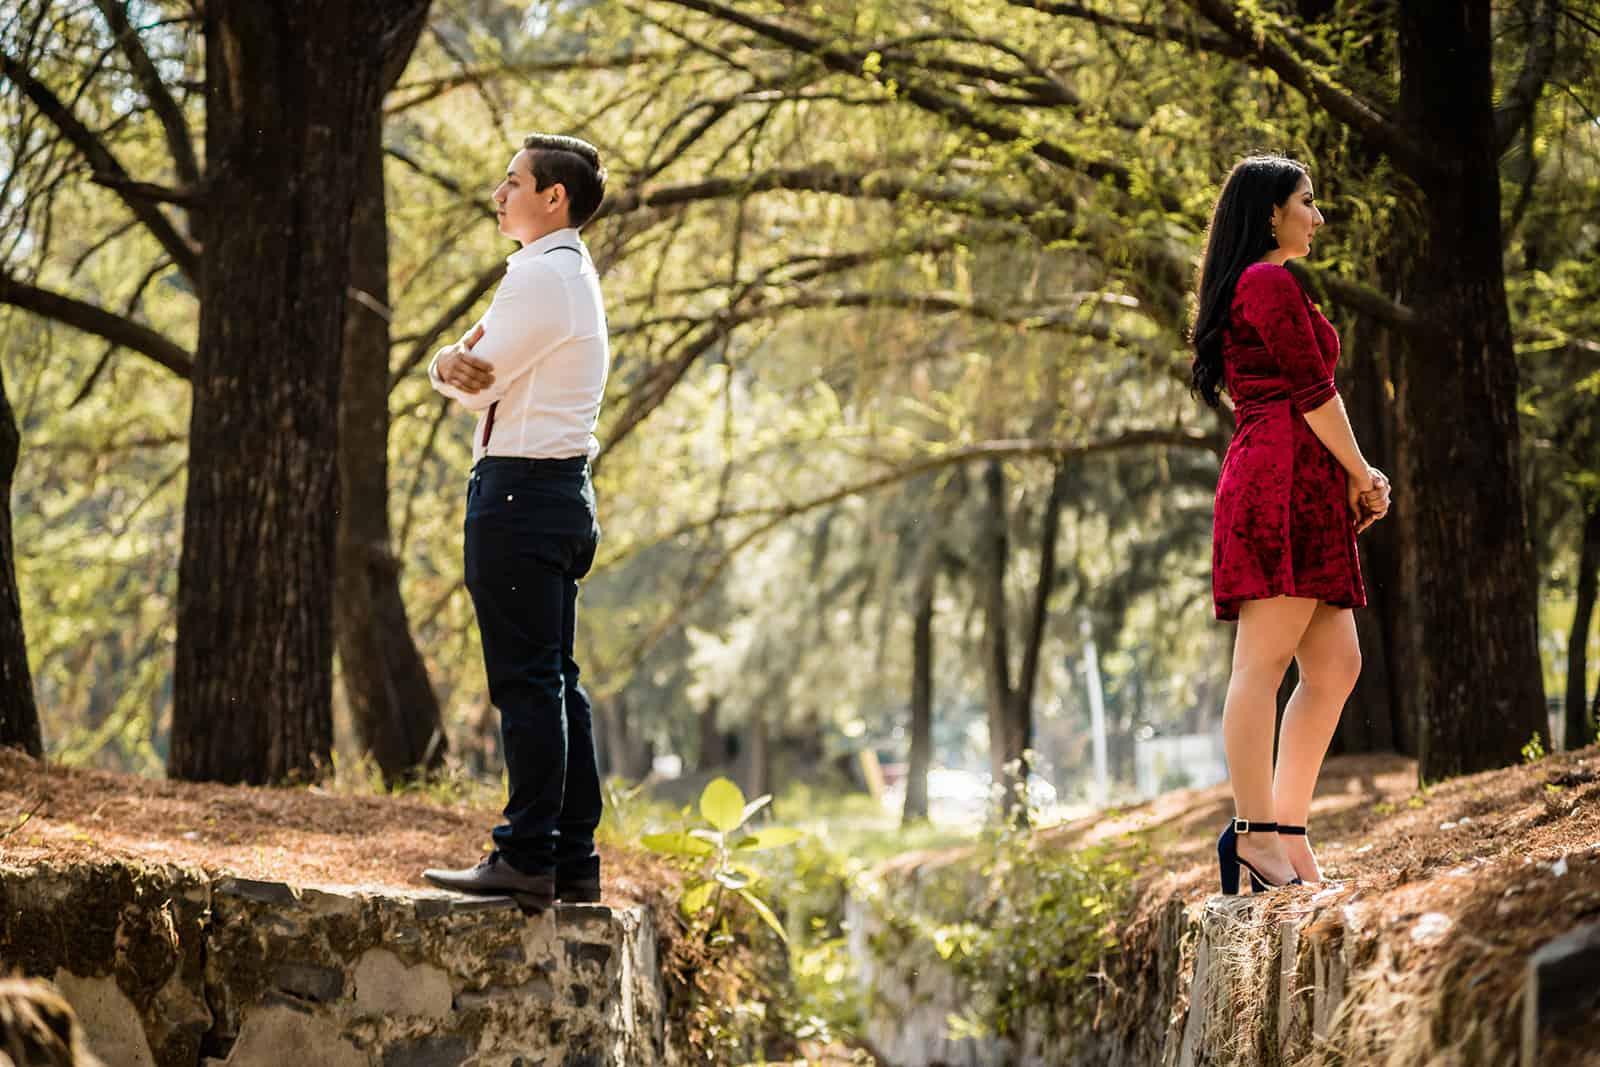 Ein Mann und eine Frau standen mit dem Rücken zueinander auf einer Klippe